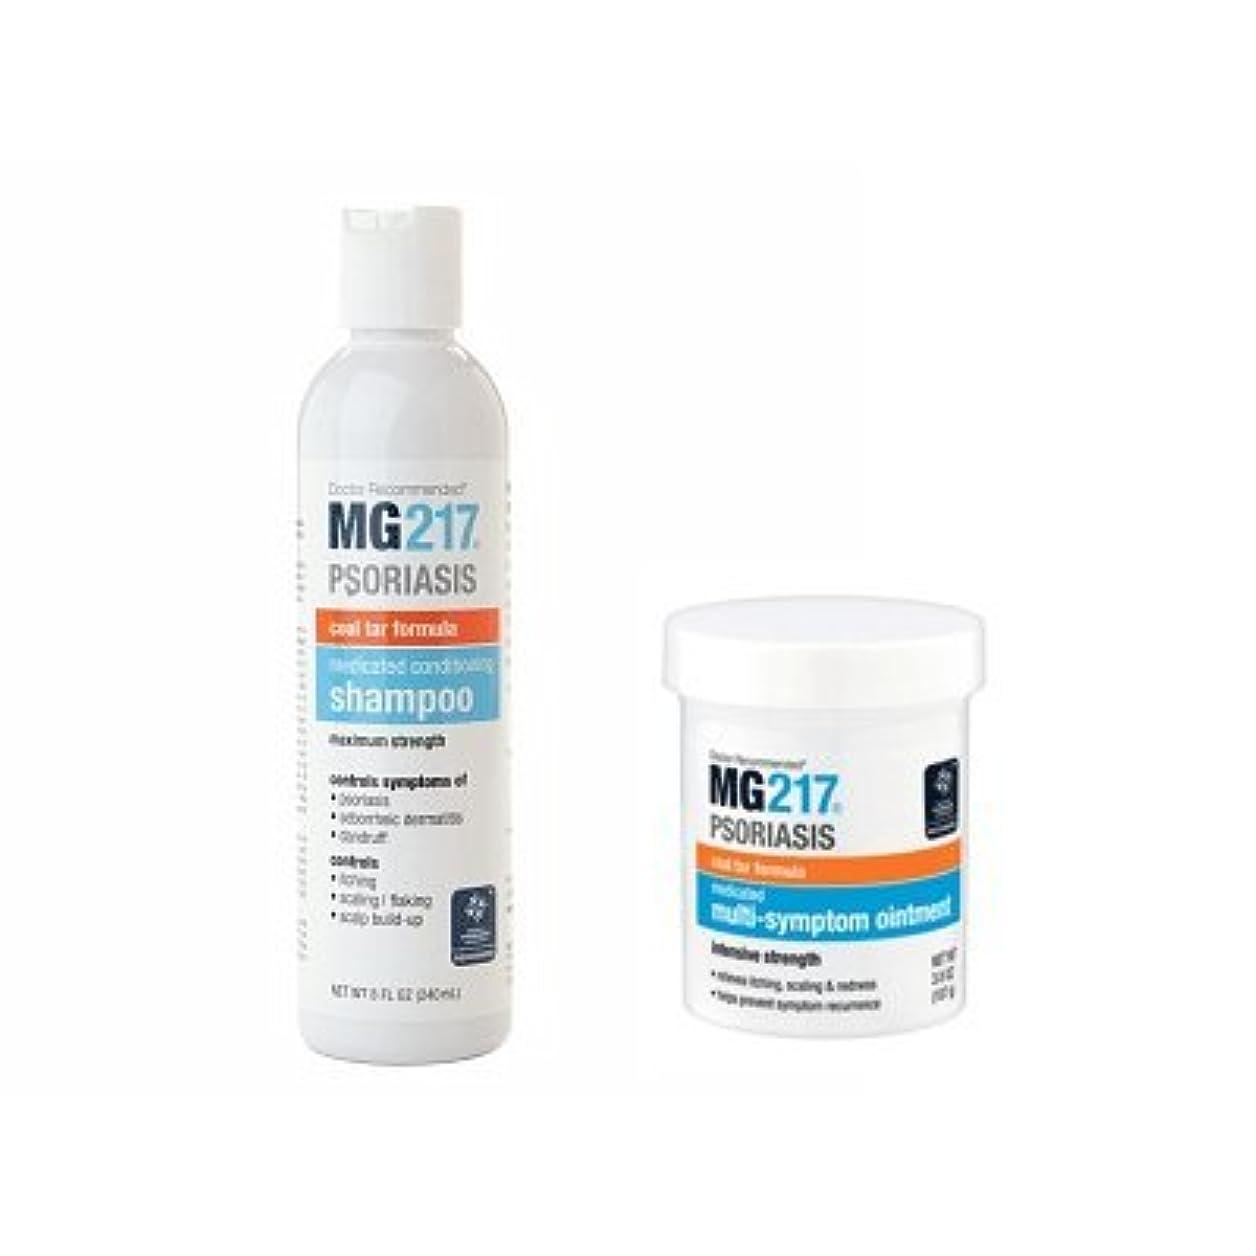 君主もっと冷酷なMG217 シャンプー&軟膏セット 240ml/107ml Psoriasis Medicated Conditioning Shampoo,Ointment set 海外直送品